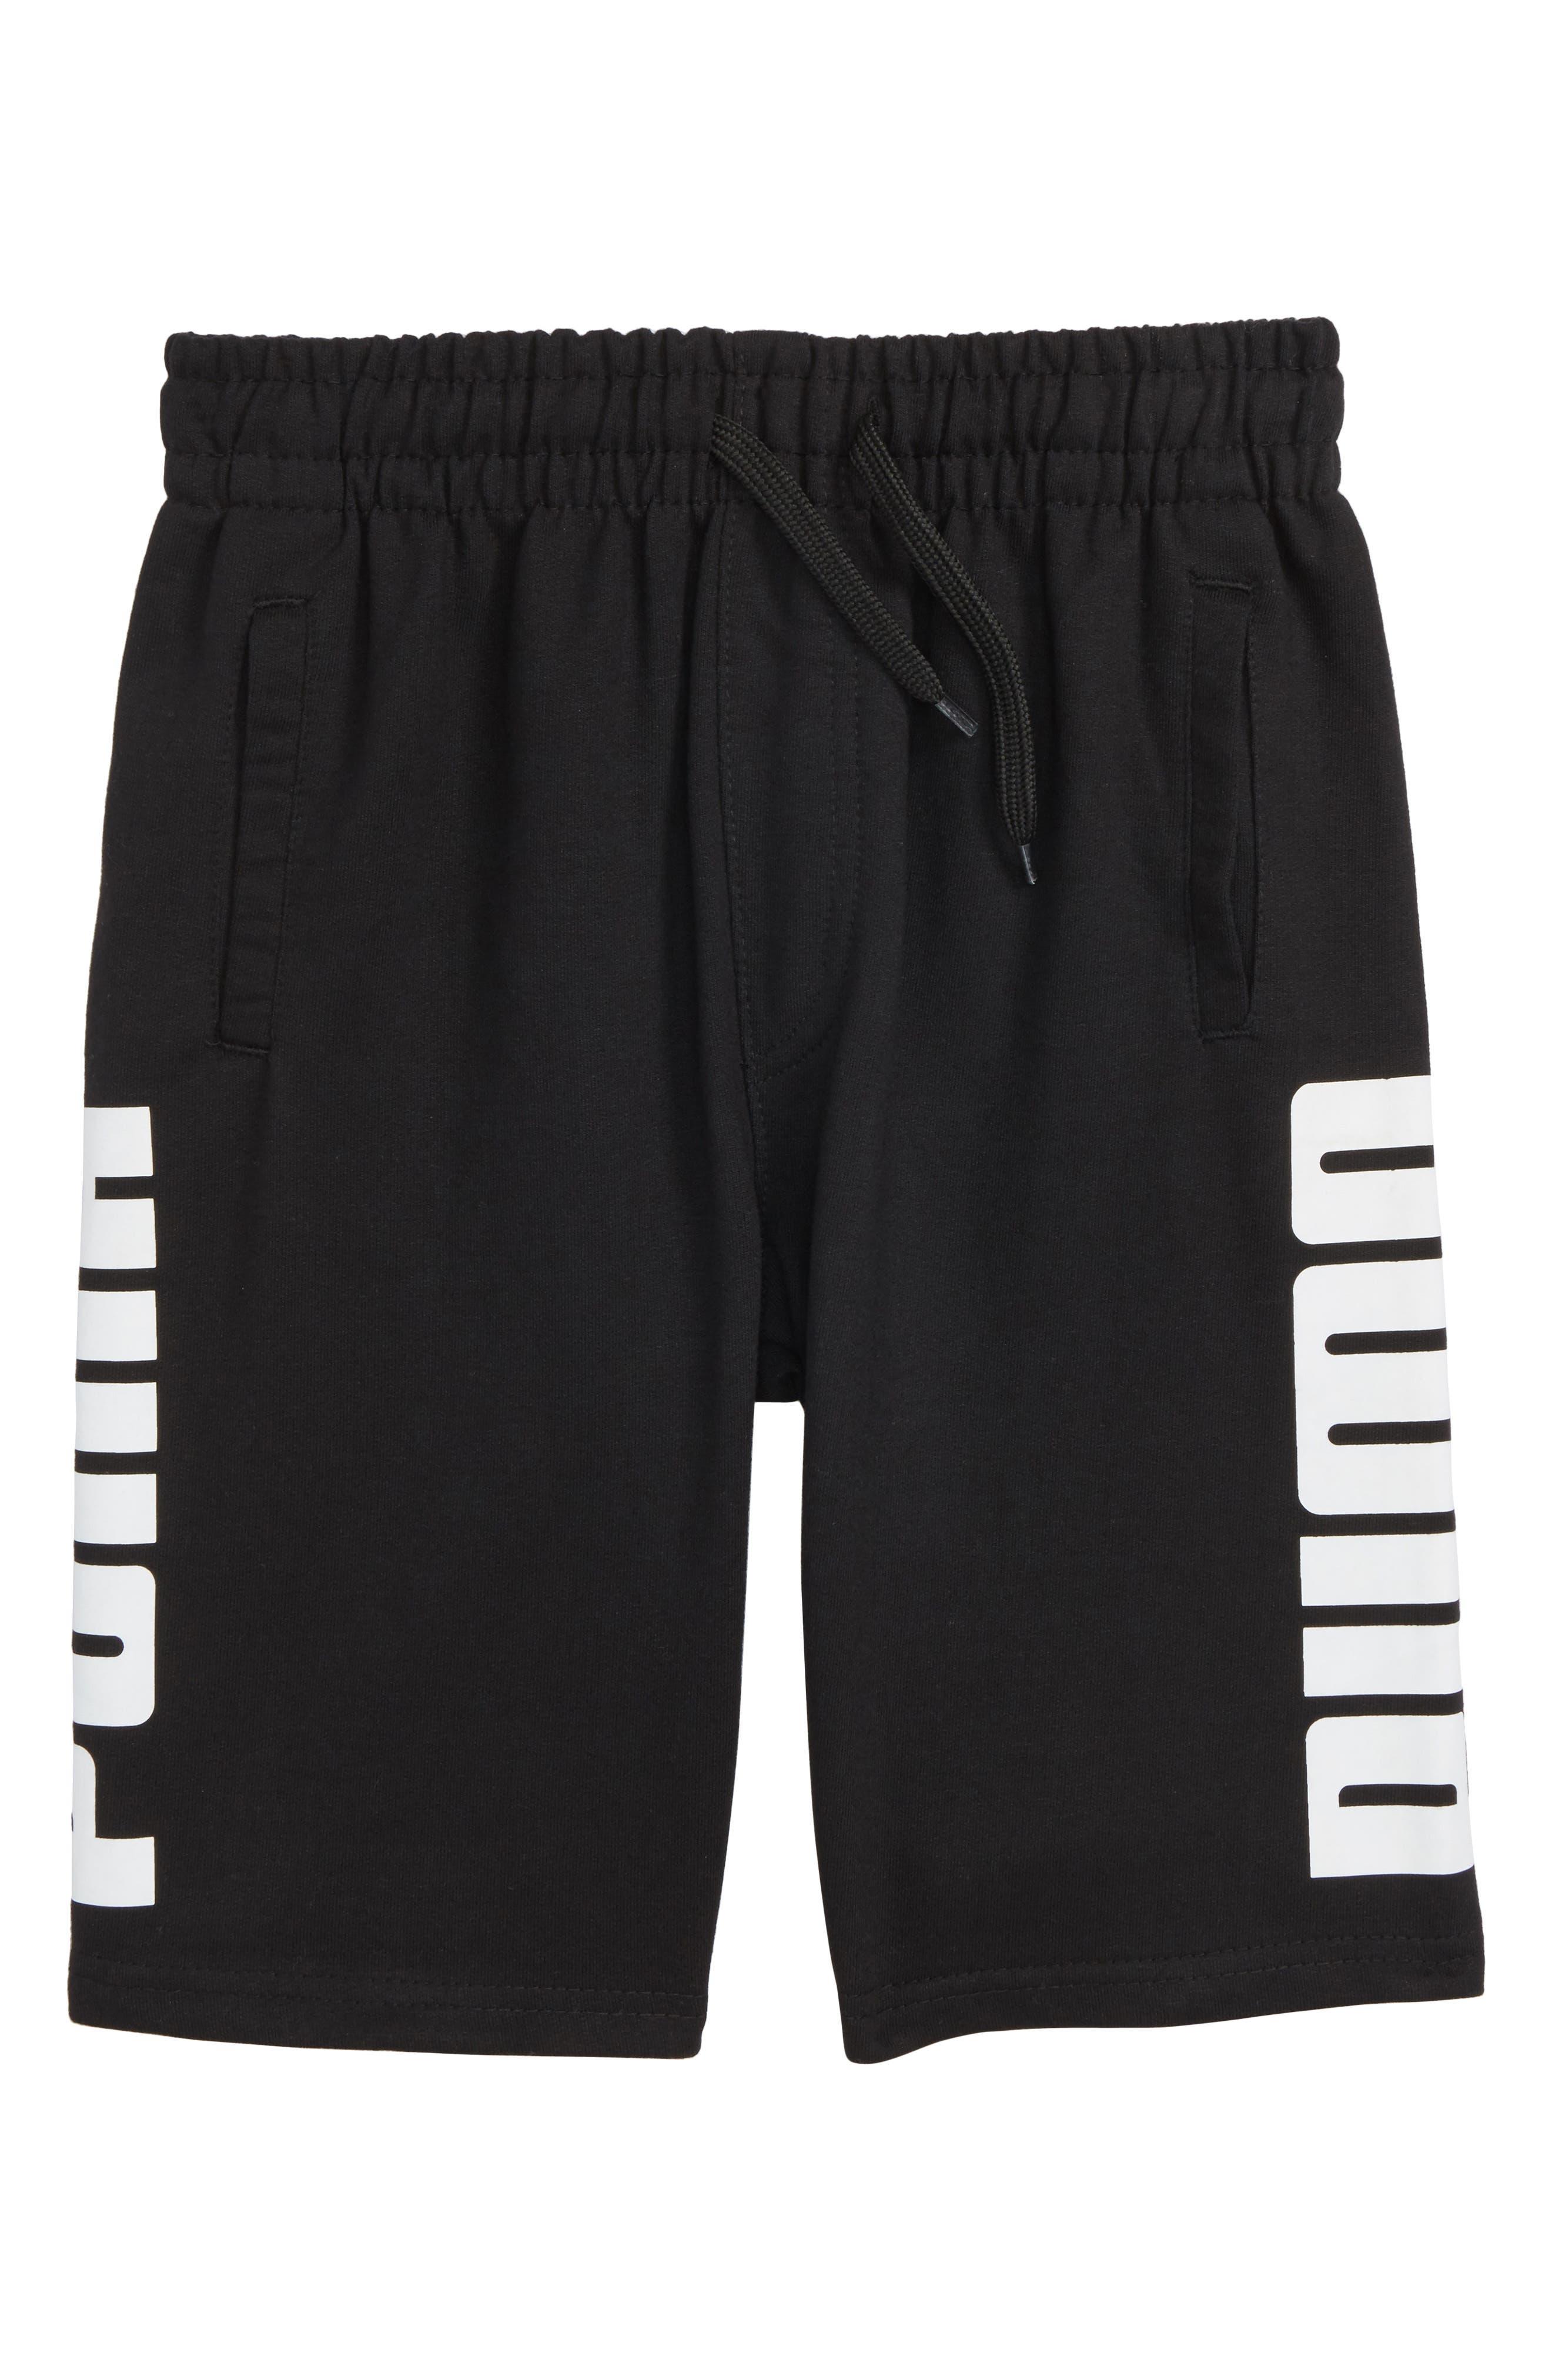 Rebel Knit Shorts,                             Main thumbnail 1, color,